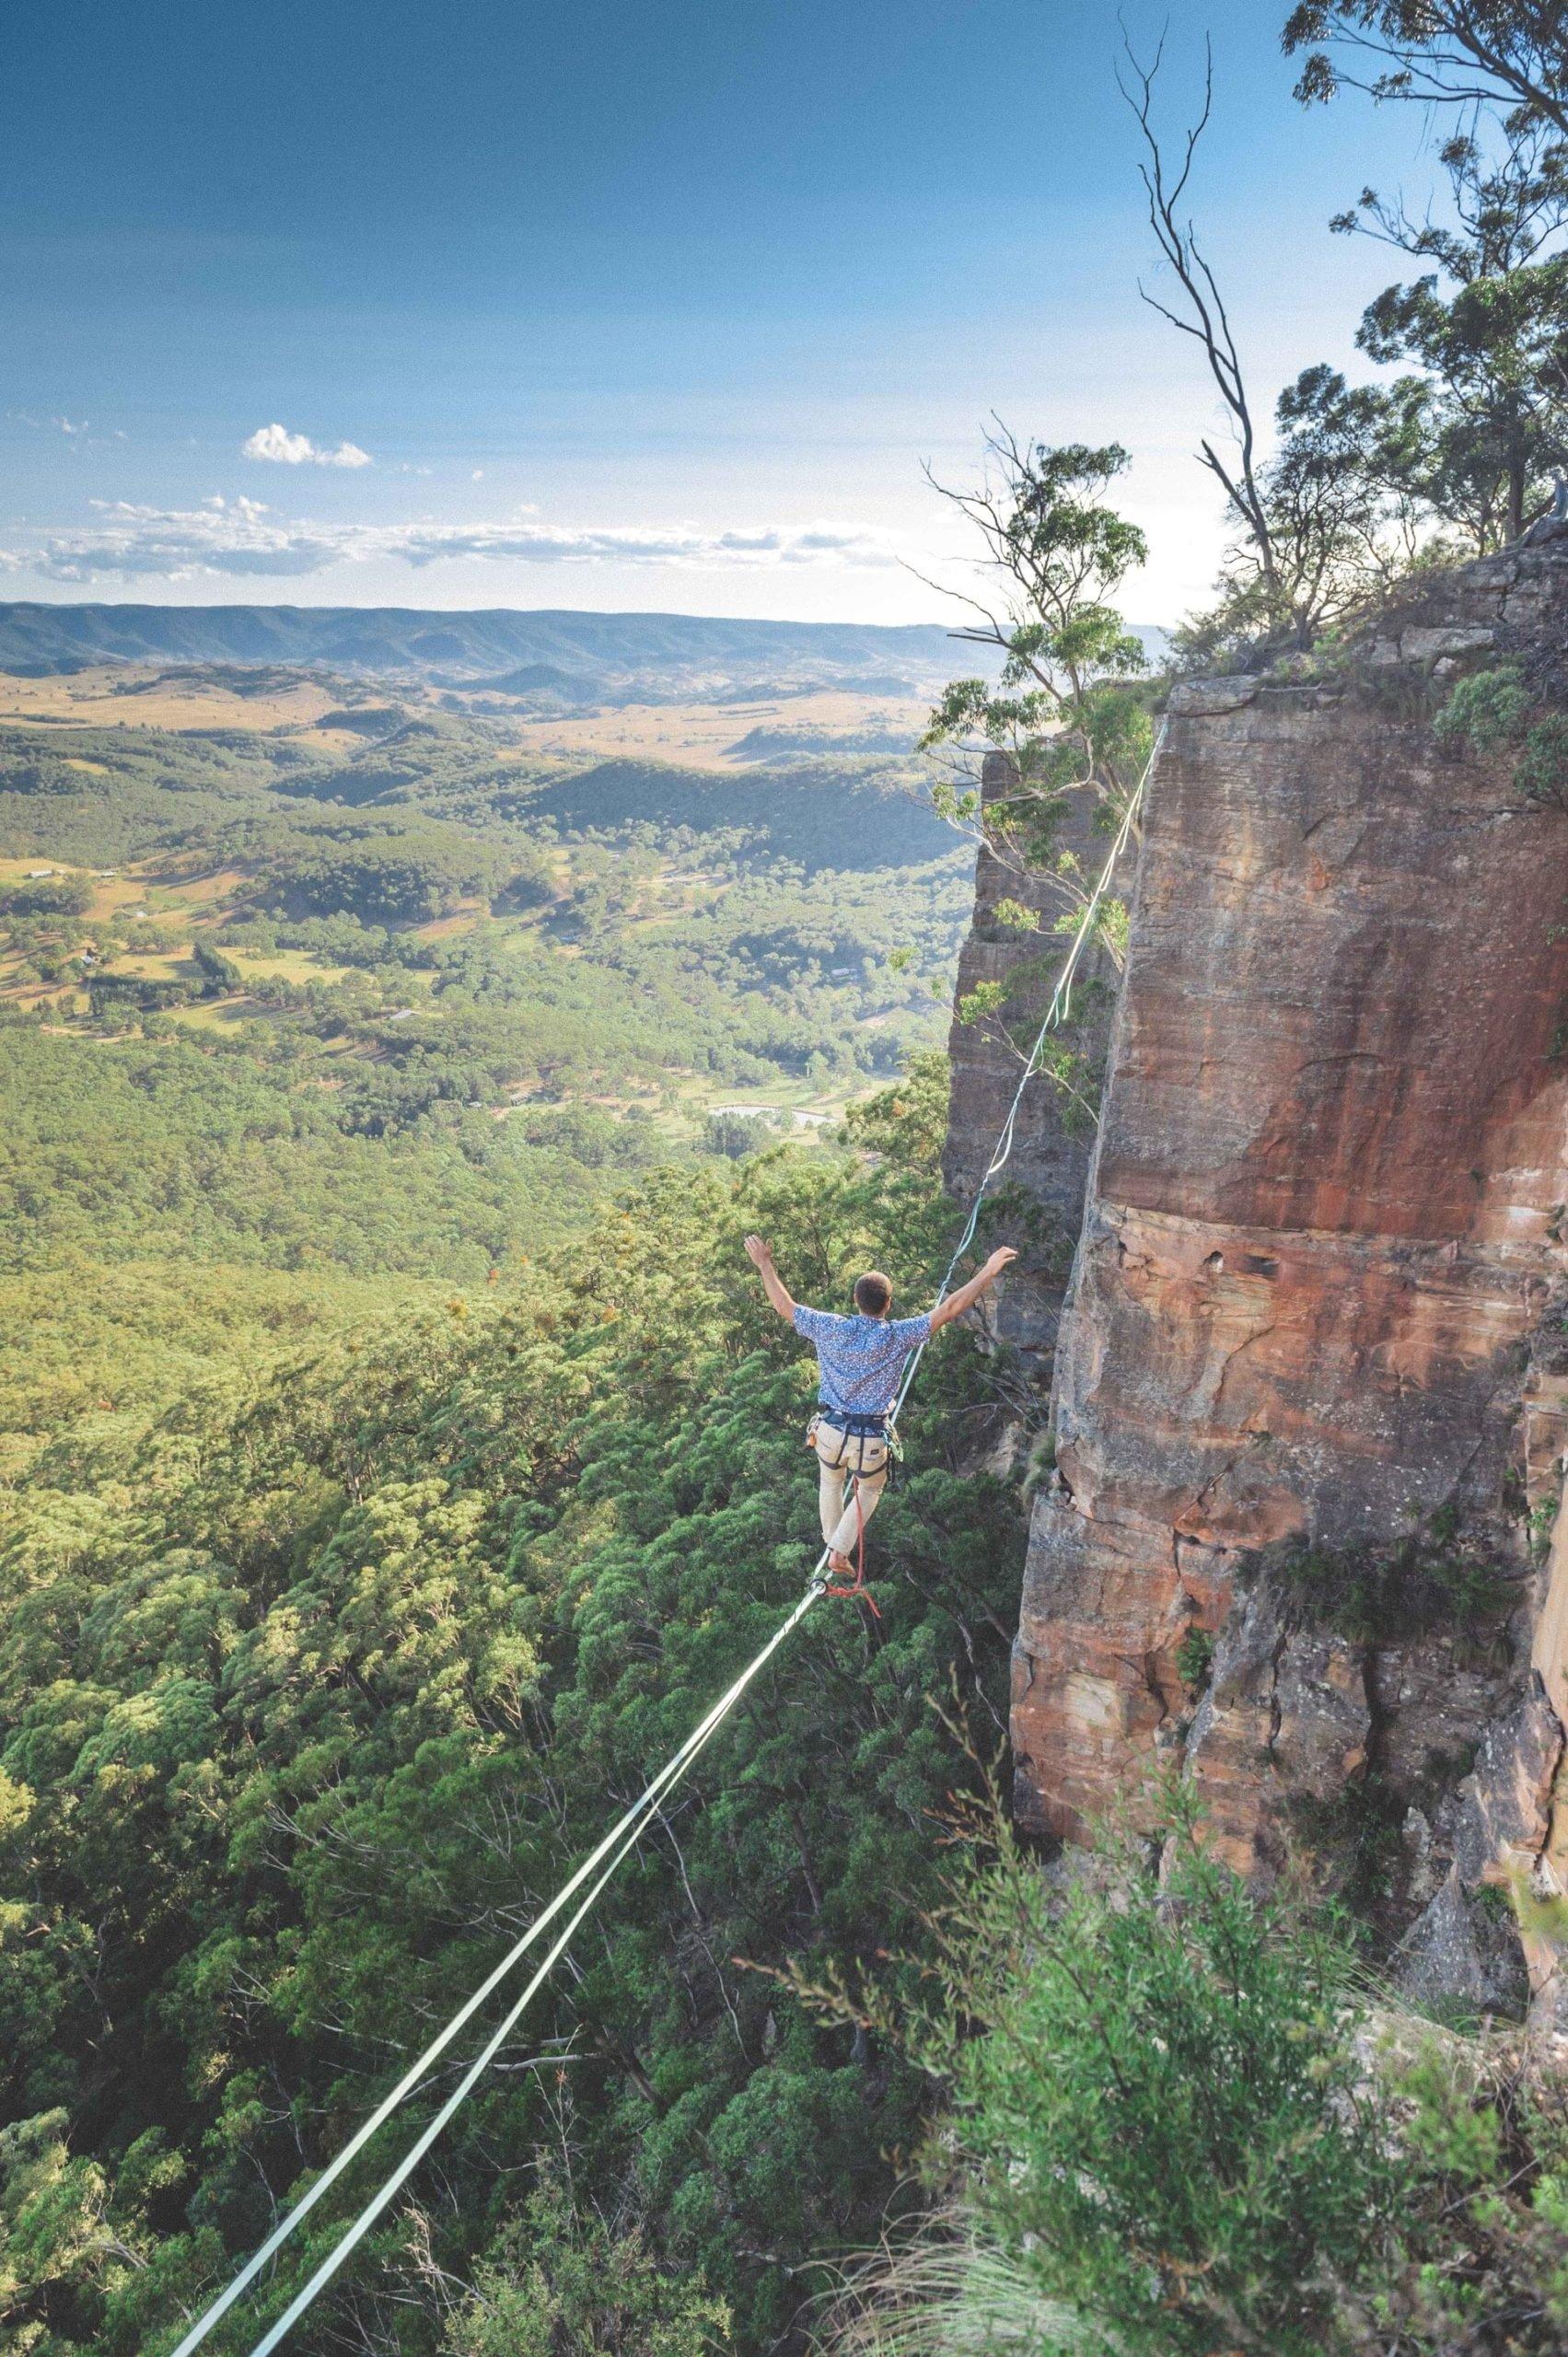 An Australian adventurer highlining in the Blue Mountains